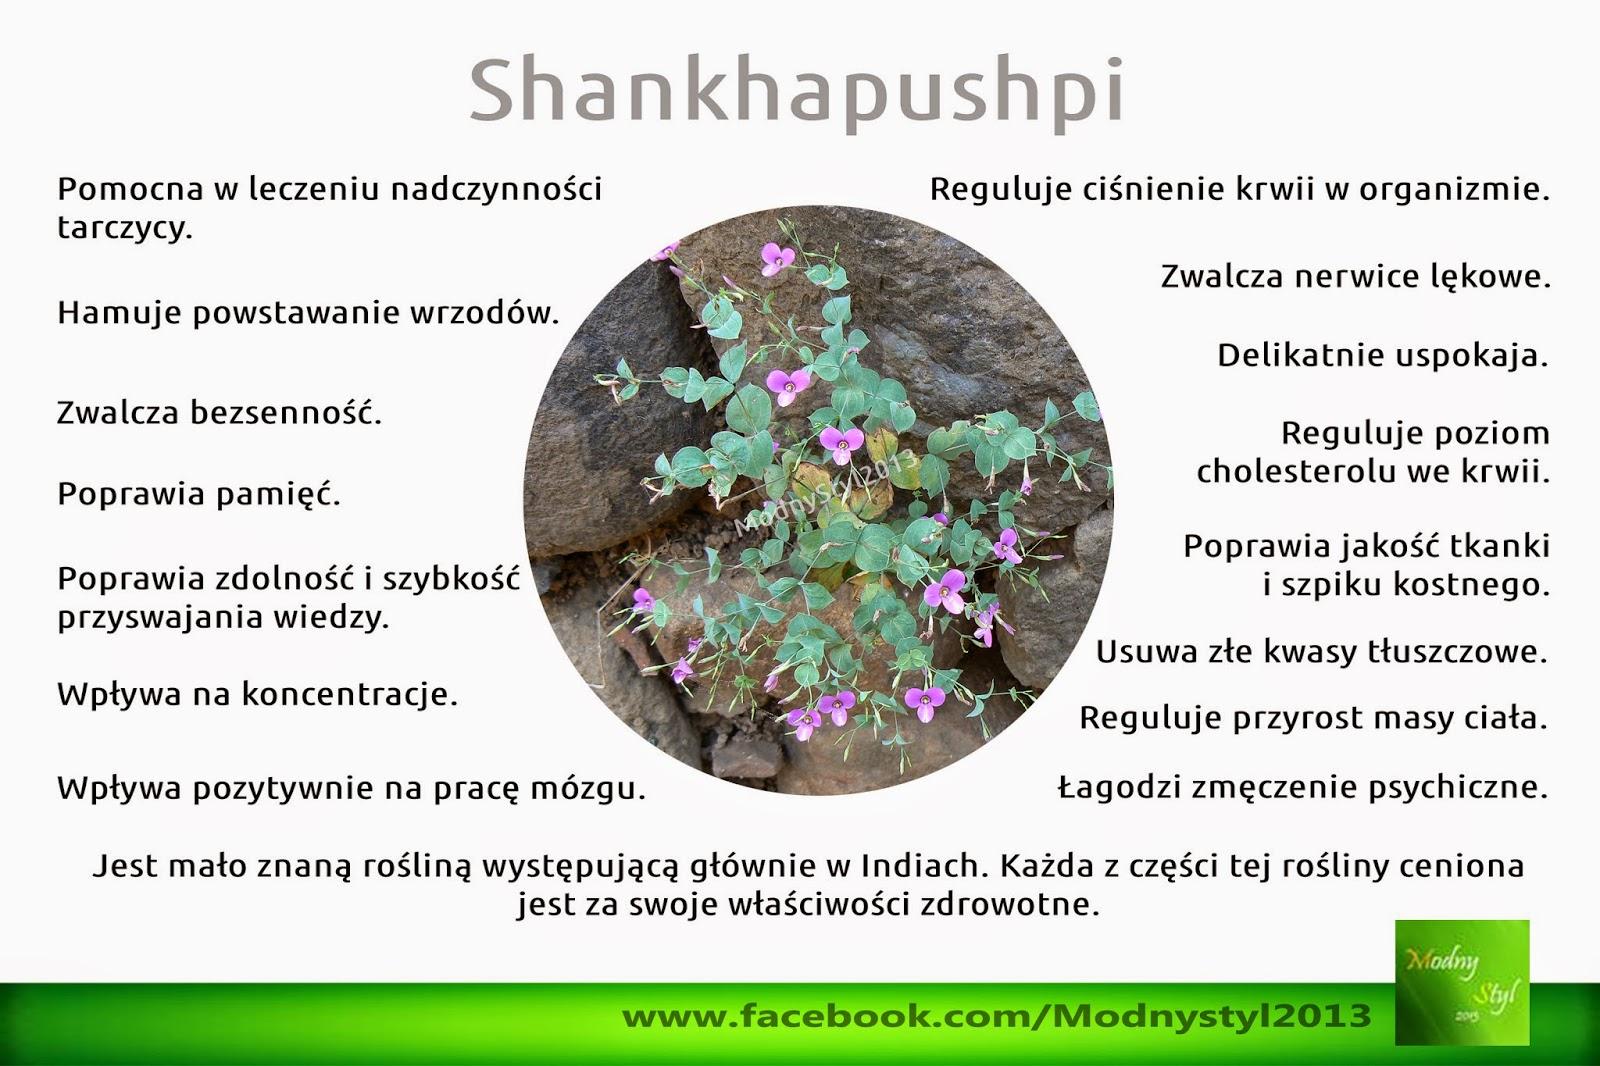 Shankhapushpi